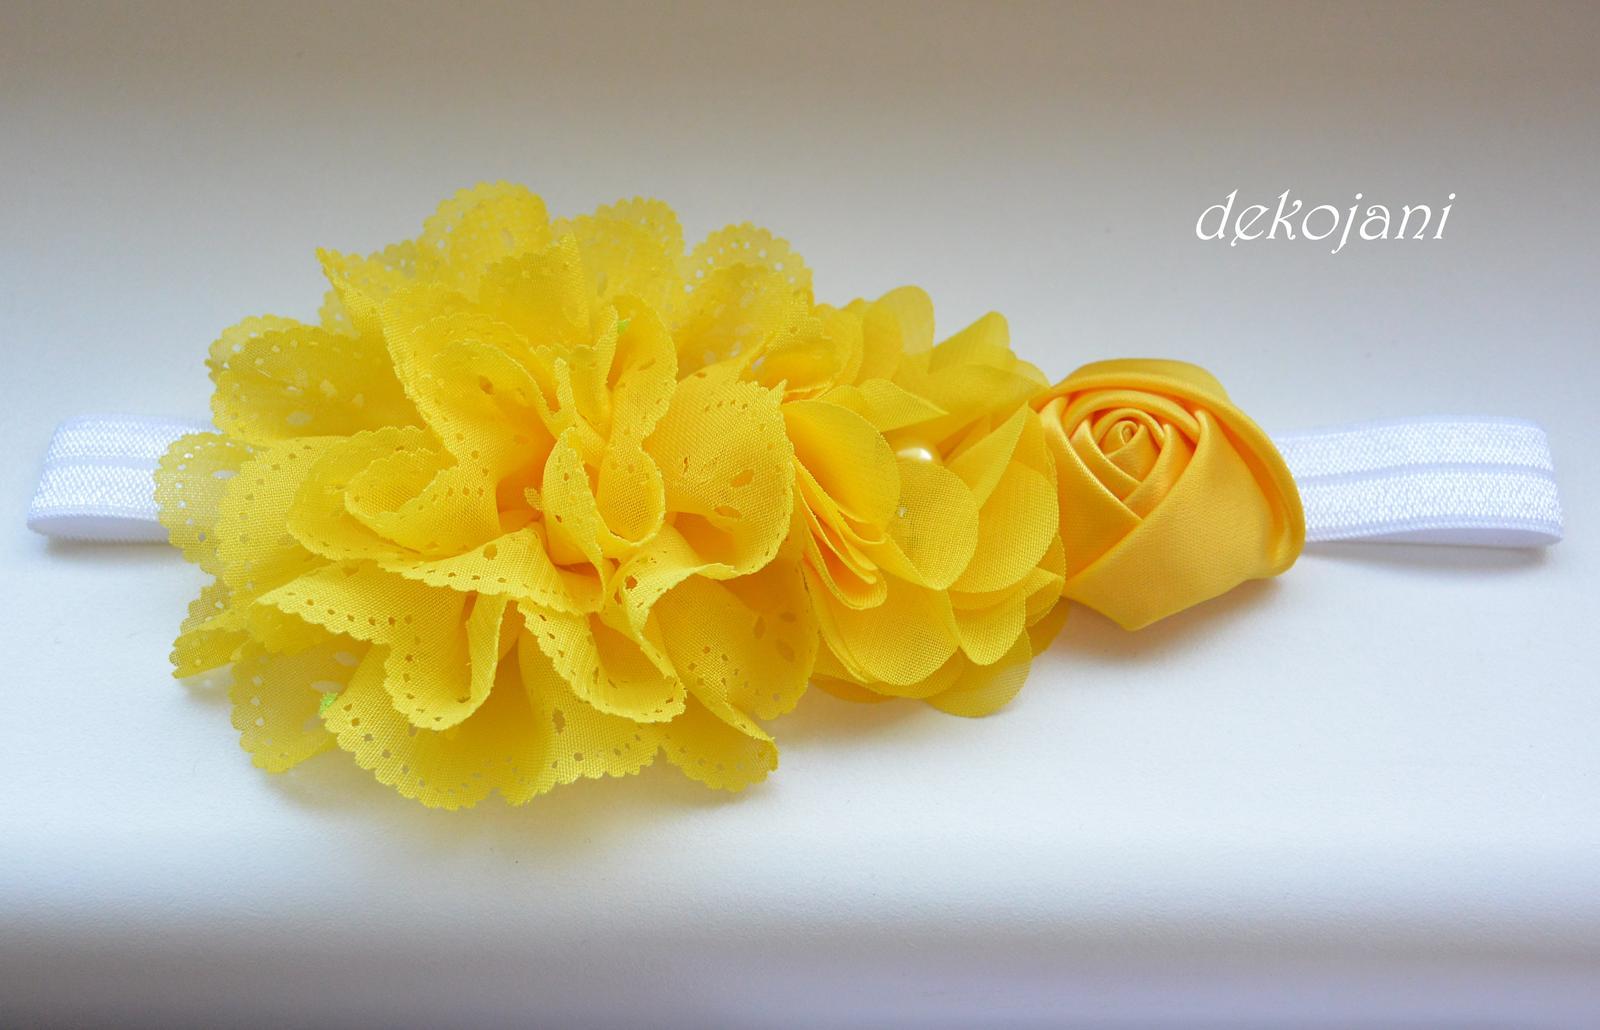 Čelenky, květiny do vlasů, náramky, obojek pro pejska... - Obrázek č. 50